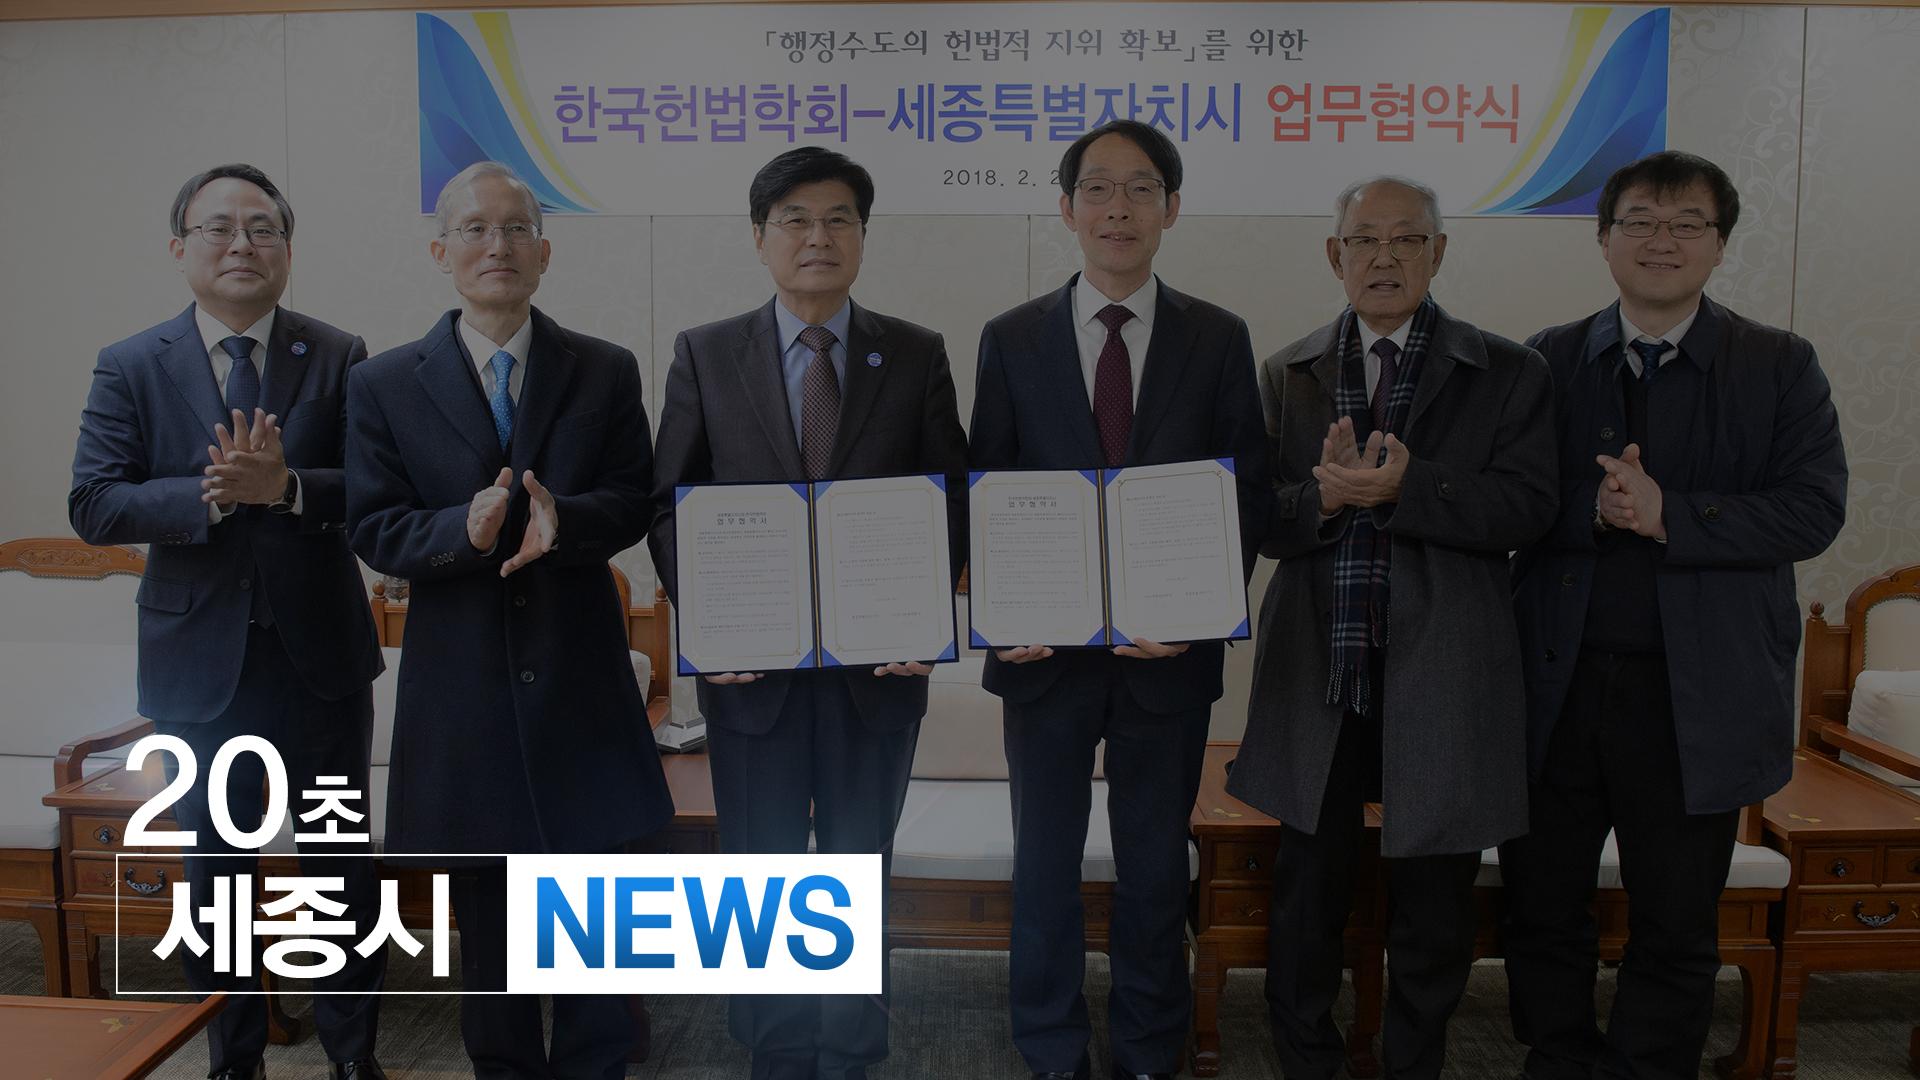 <20초뉴스>  세종시·한국헌법학회 MOU 체결 및 공동학술대회